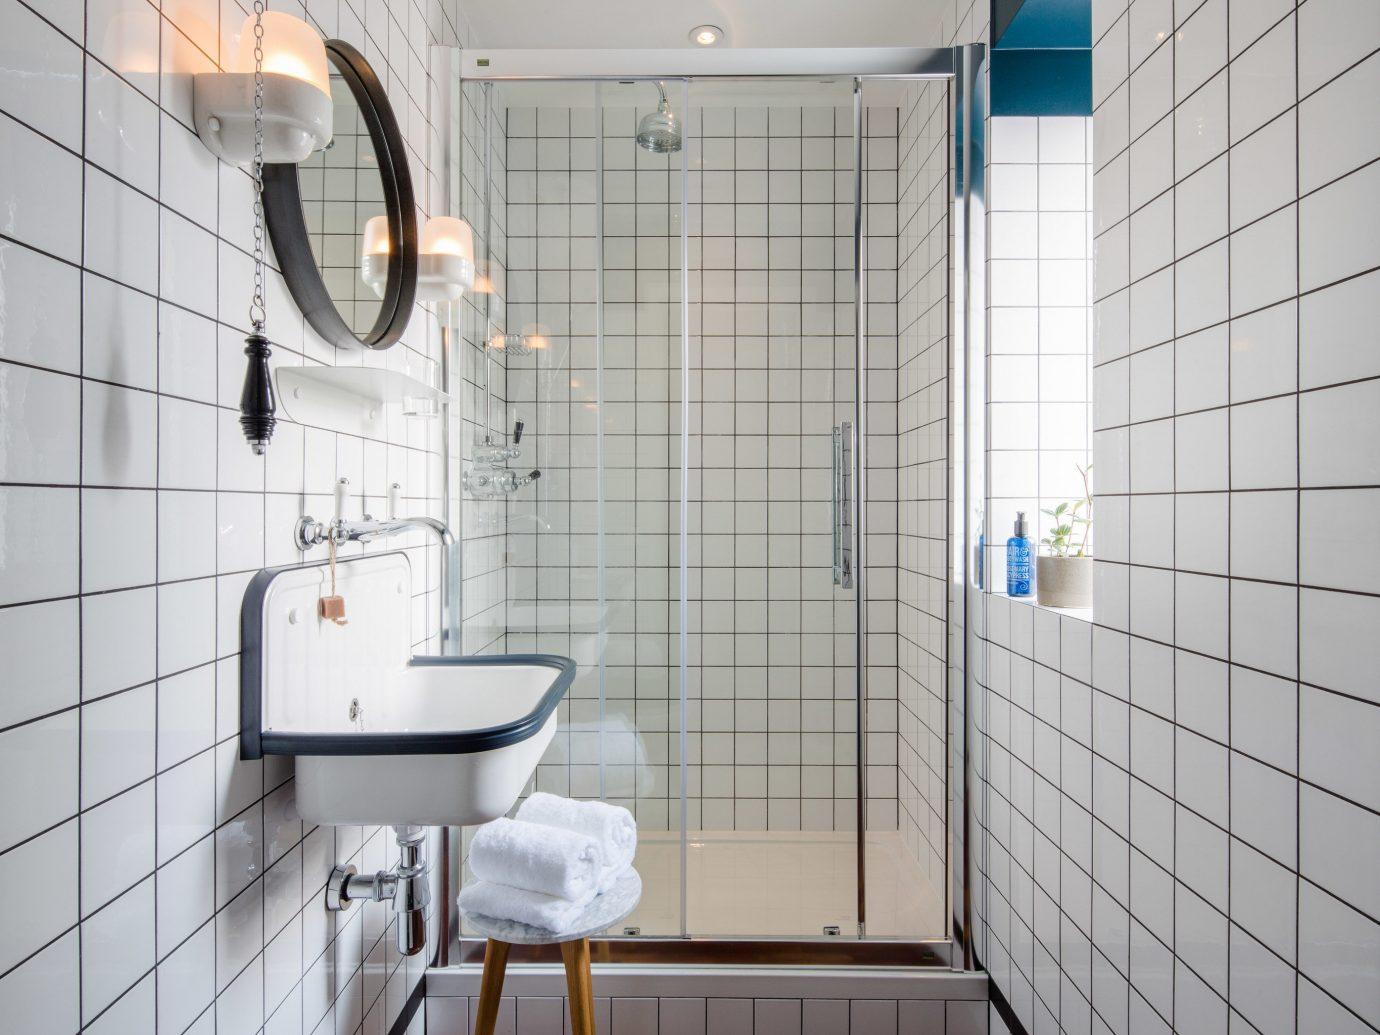 bathroom room tile wall interior design plumbing fixture floor flooring window toilet daylighting